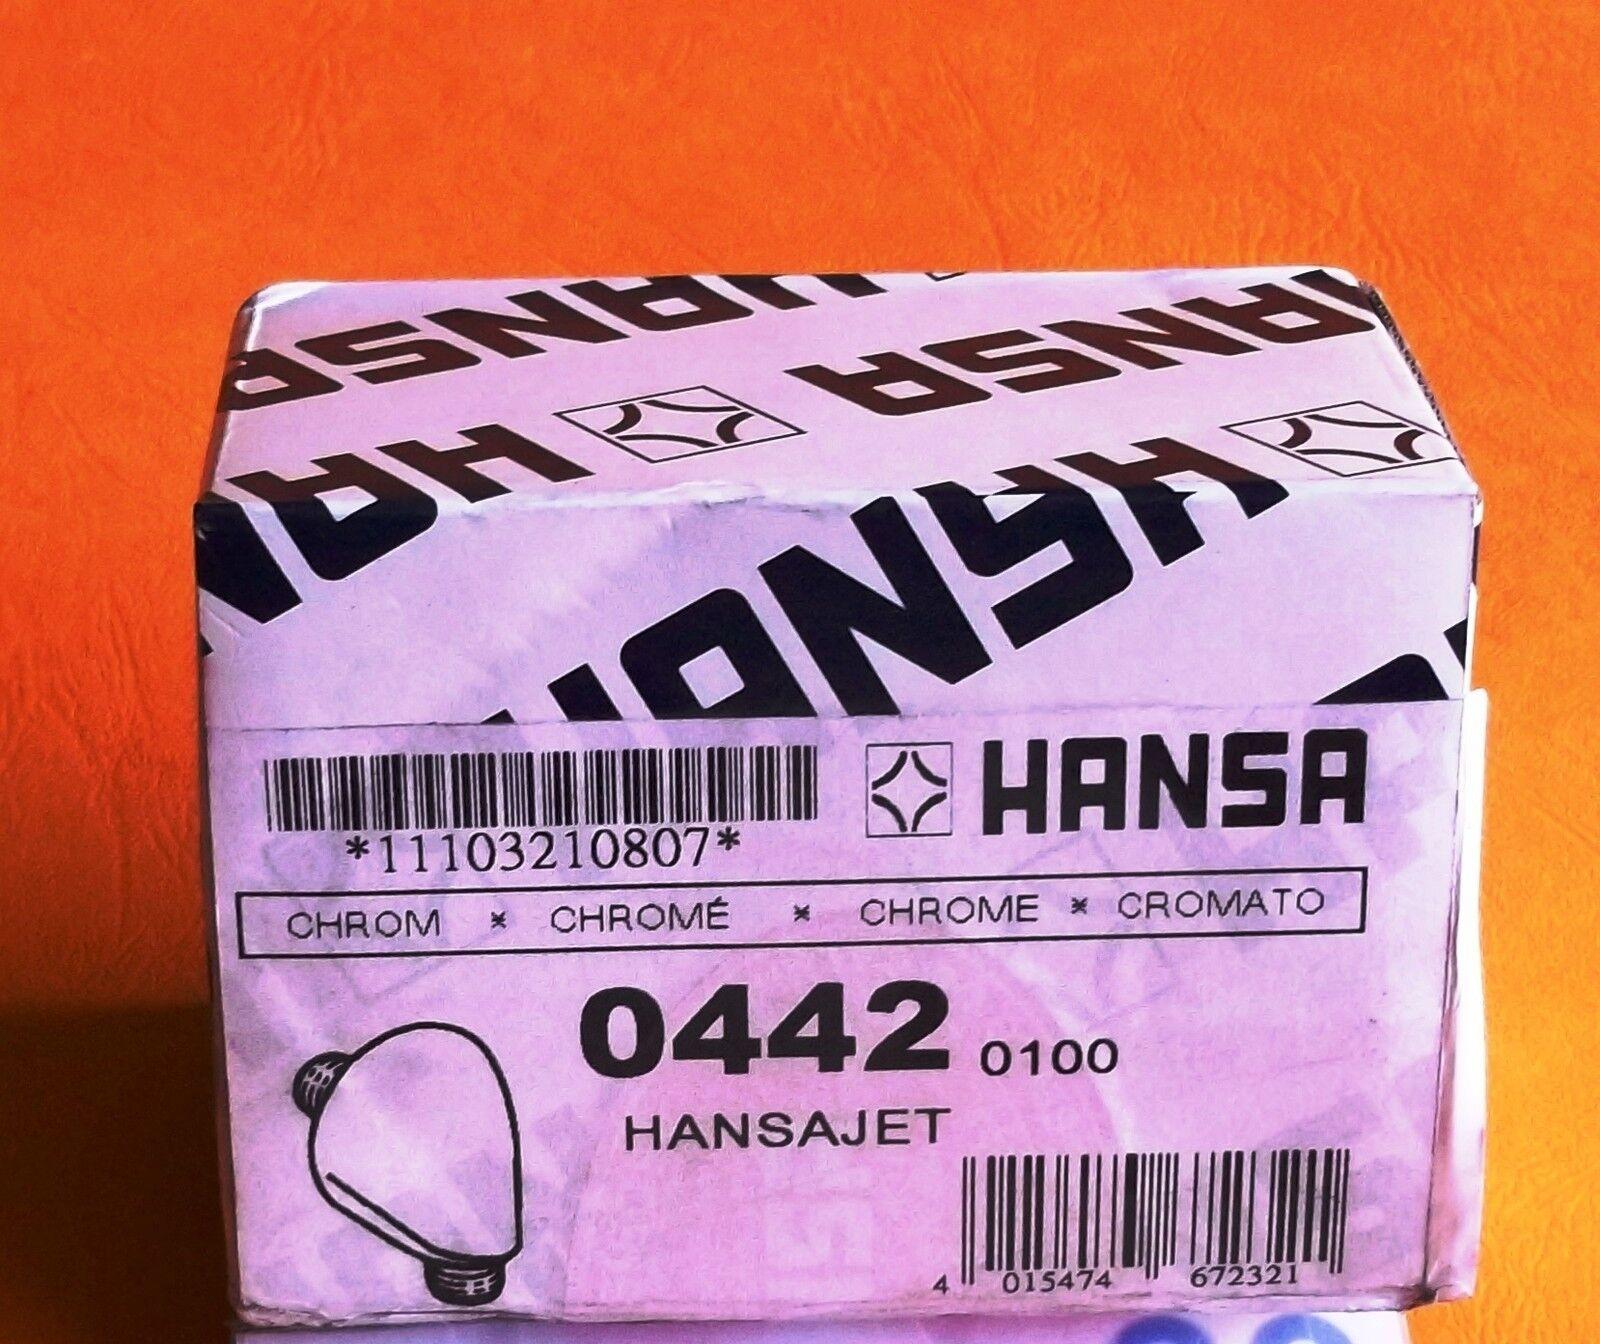 Hansa Wandbogen   0442-0100 Hansajet Wandanschlußbogen